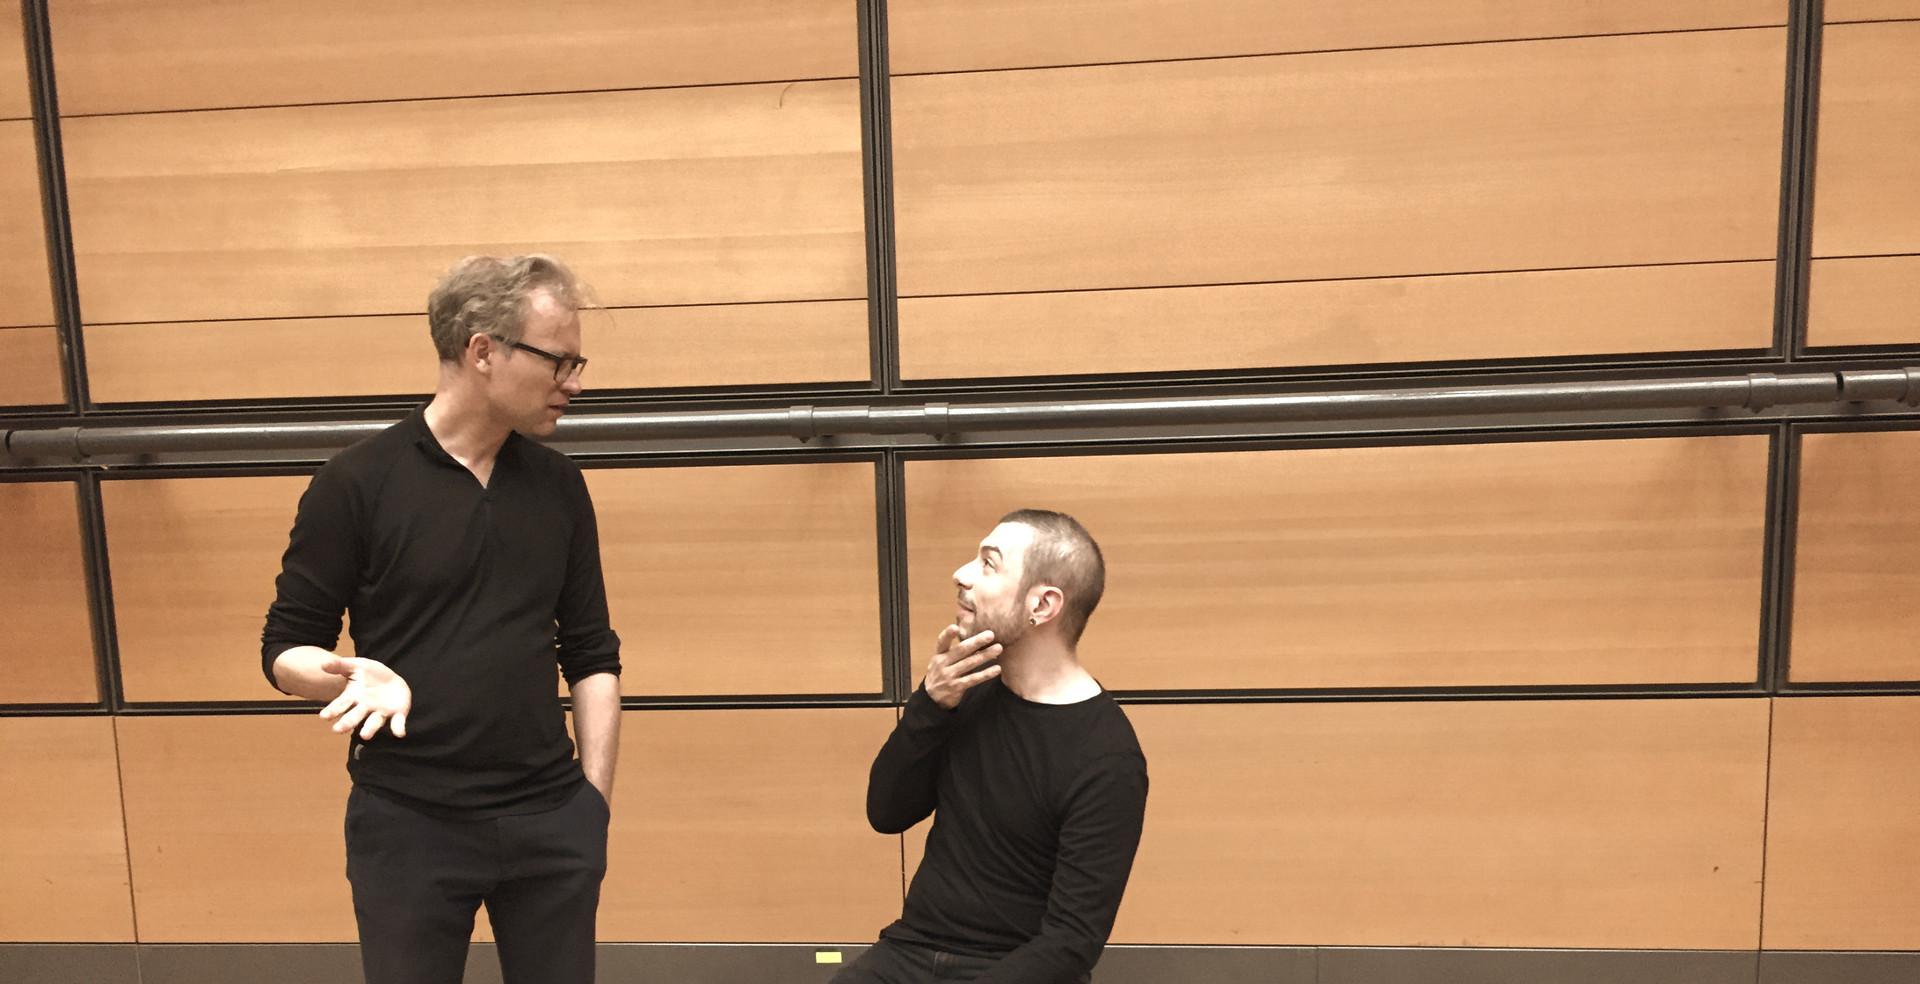 Sebastian Schottke and Marko Nikodijevic